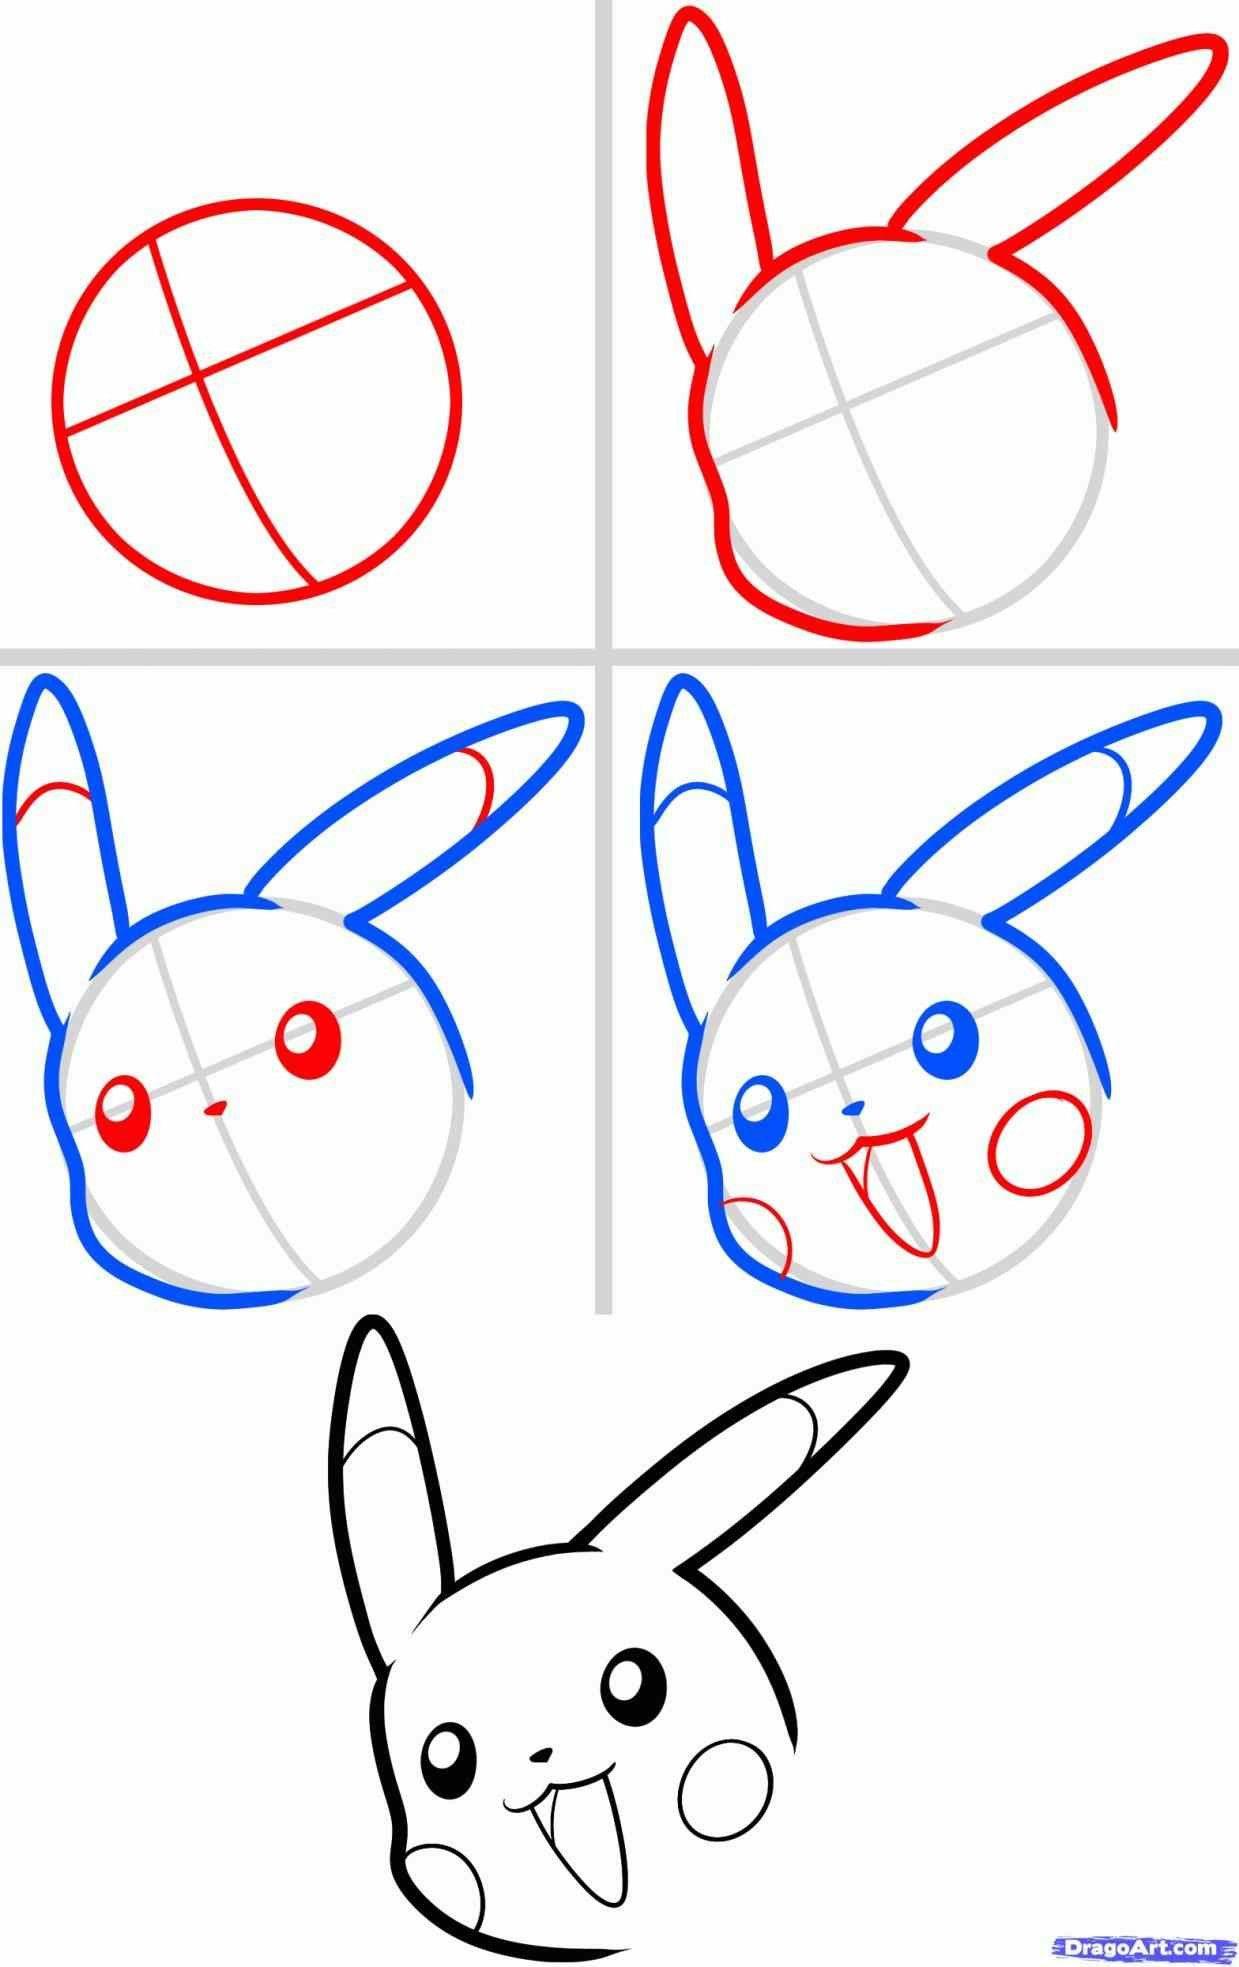 50 Learn to Draw Anime Wf1l di 2020 Cara menggambar